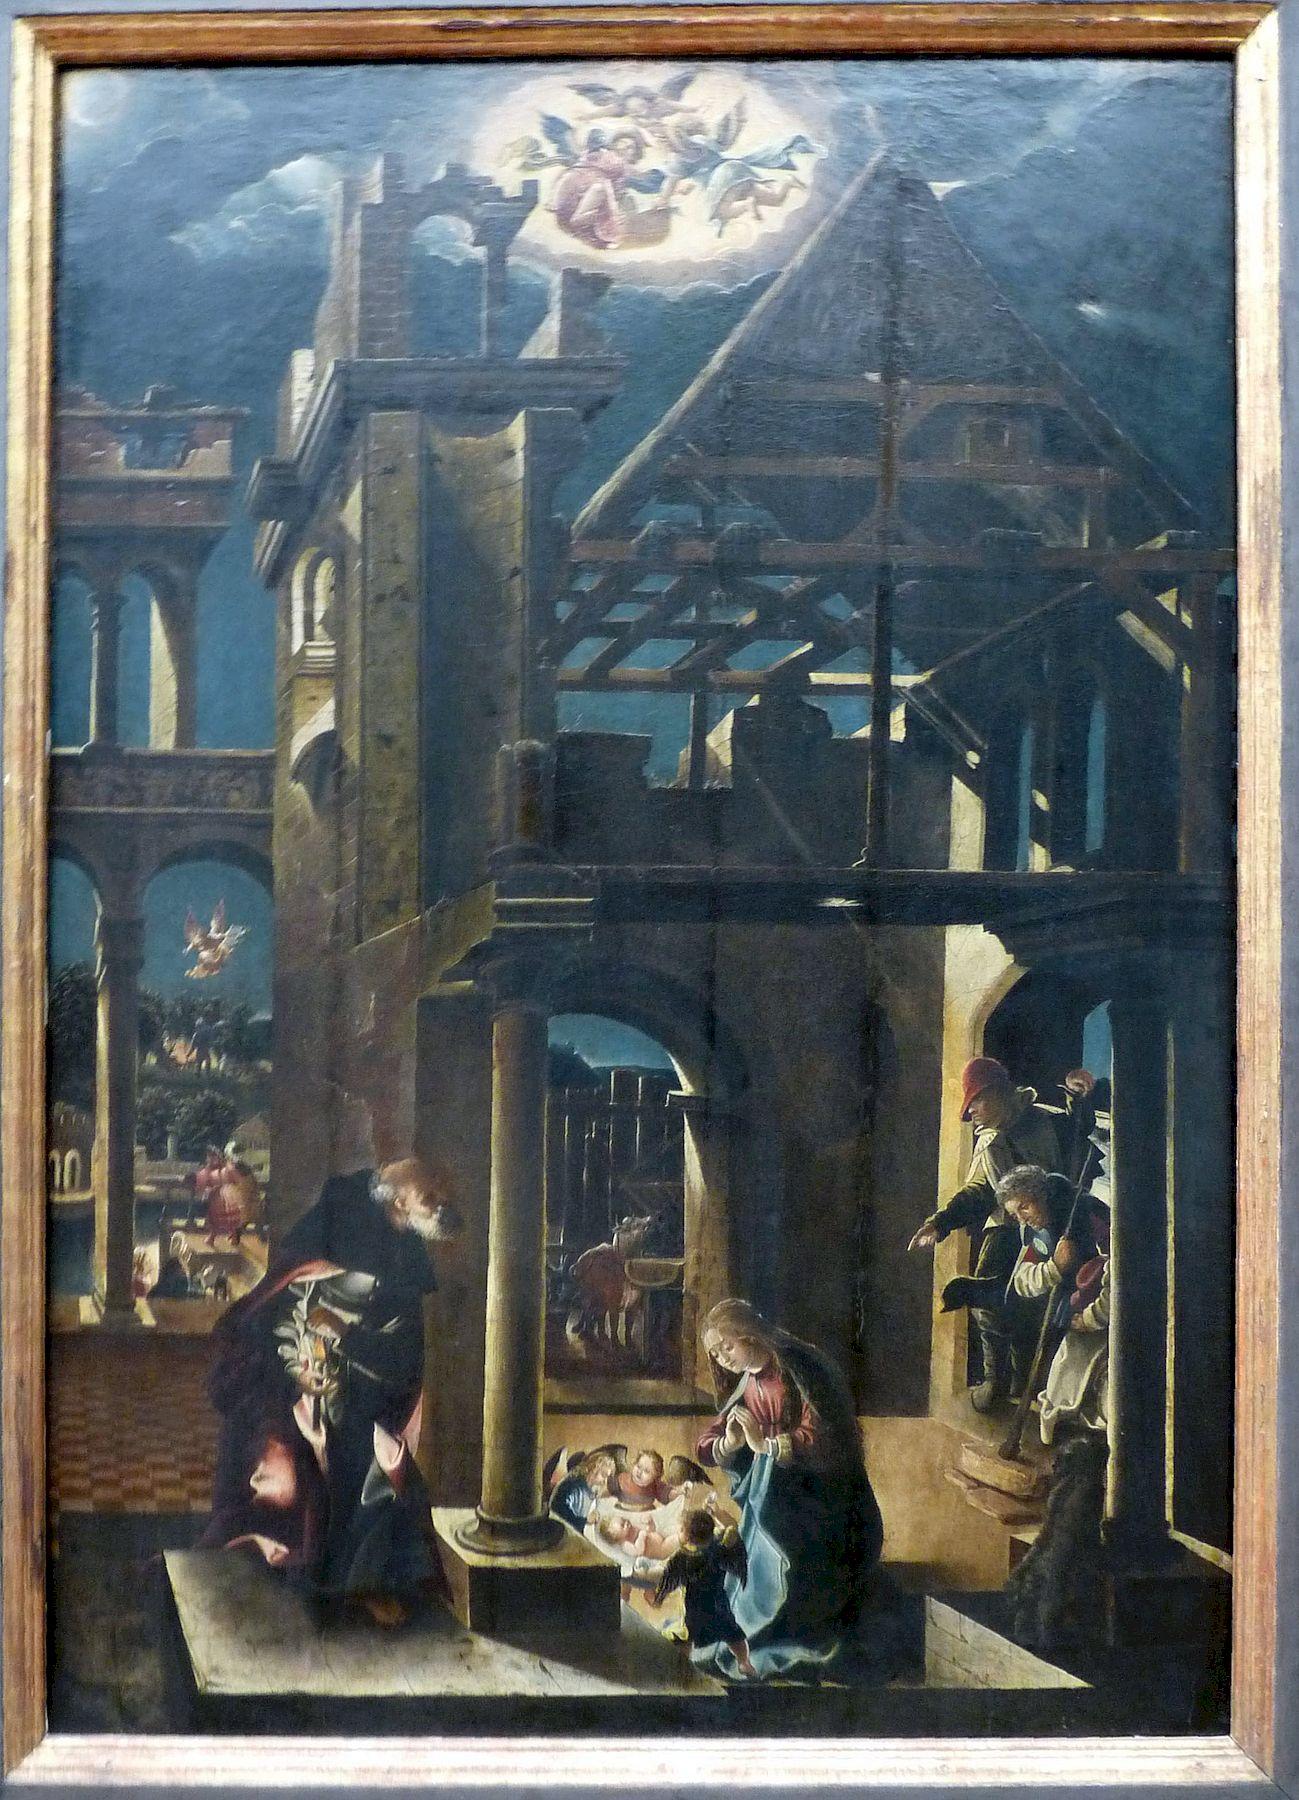 1520-30c_Altdorfer_Albrecht_Die-Geburst-Christi_Berlin_Gemäldegalerie_P1520775_JFMartine